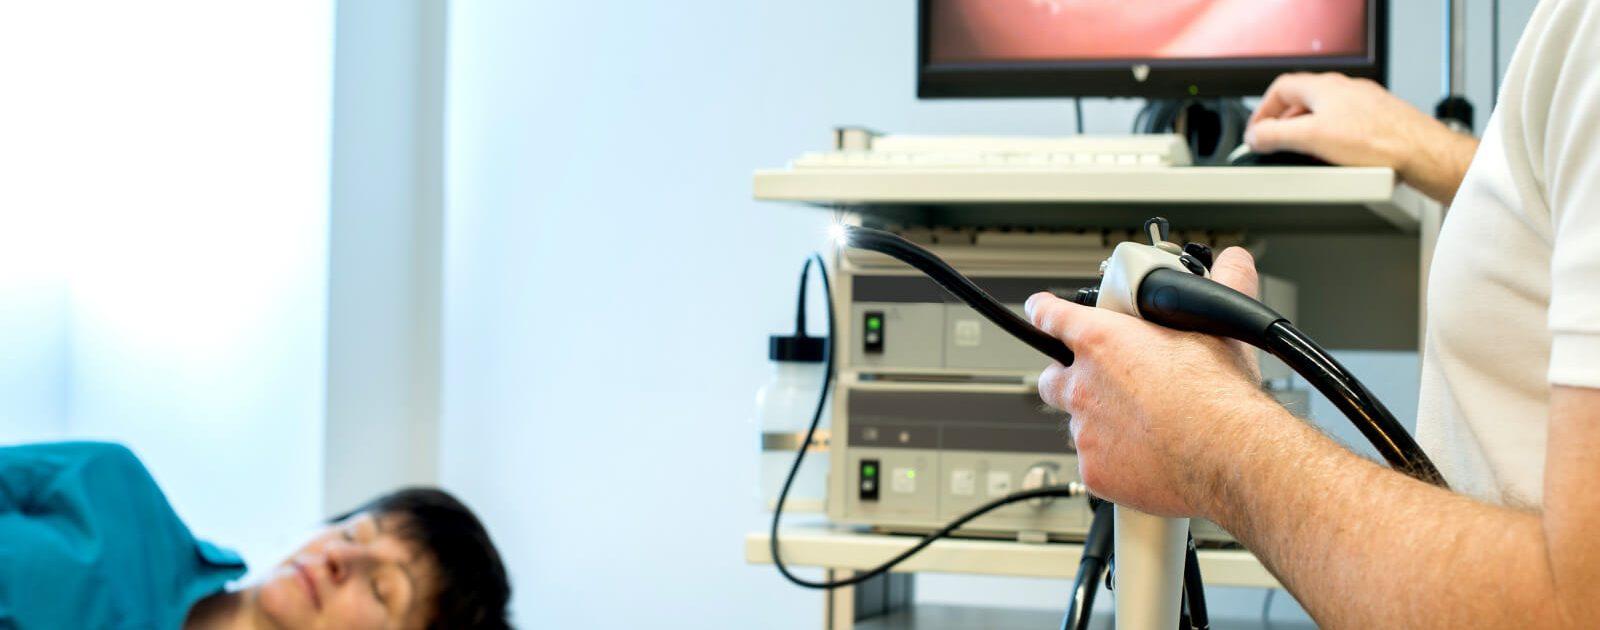 Frau wartet in der Praxis auf eine Magenspiegelung, die der Arzt mittels Gastroskop durchführt.